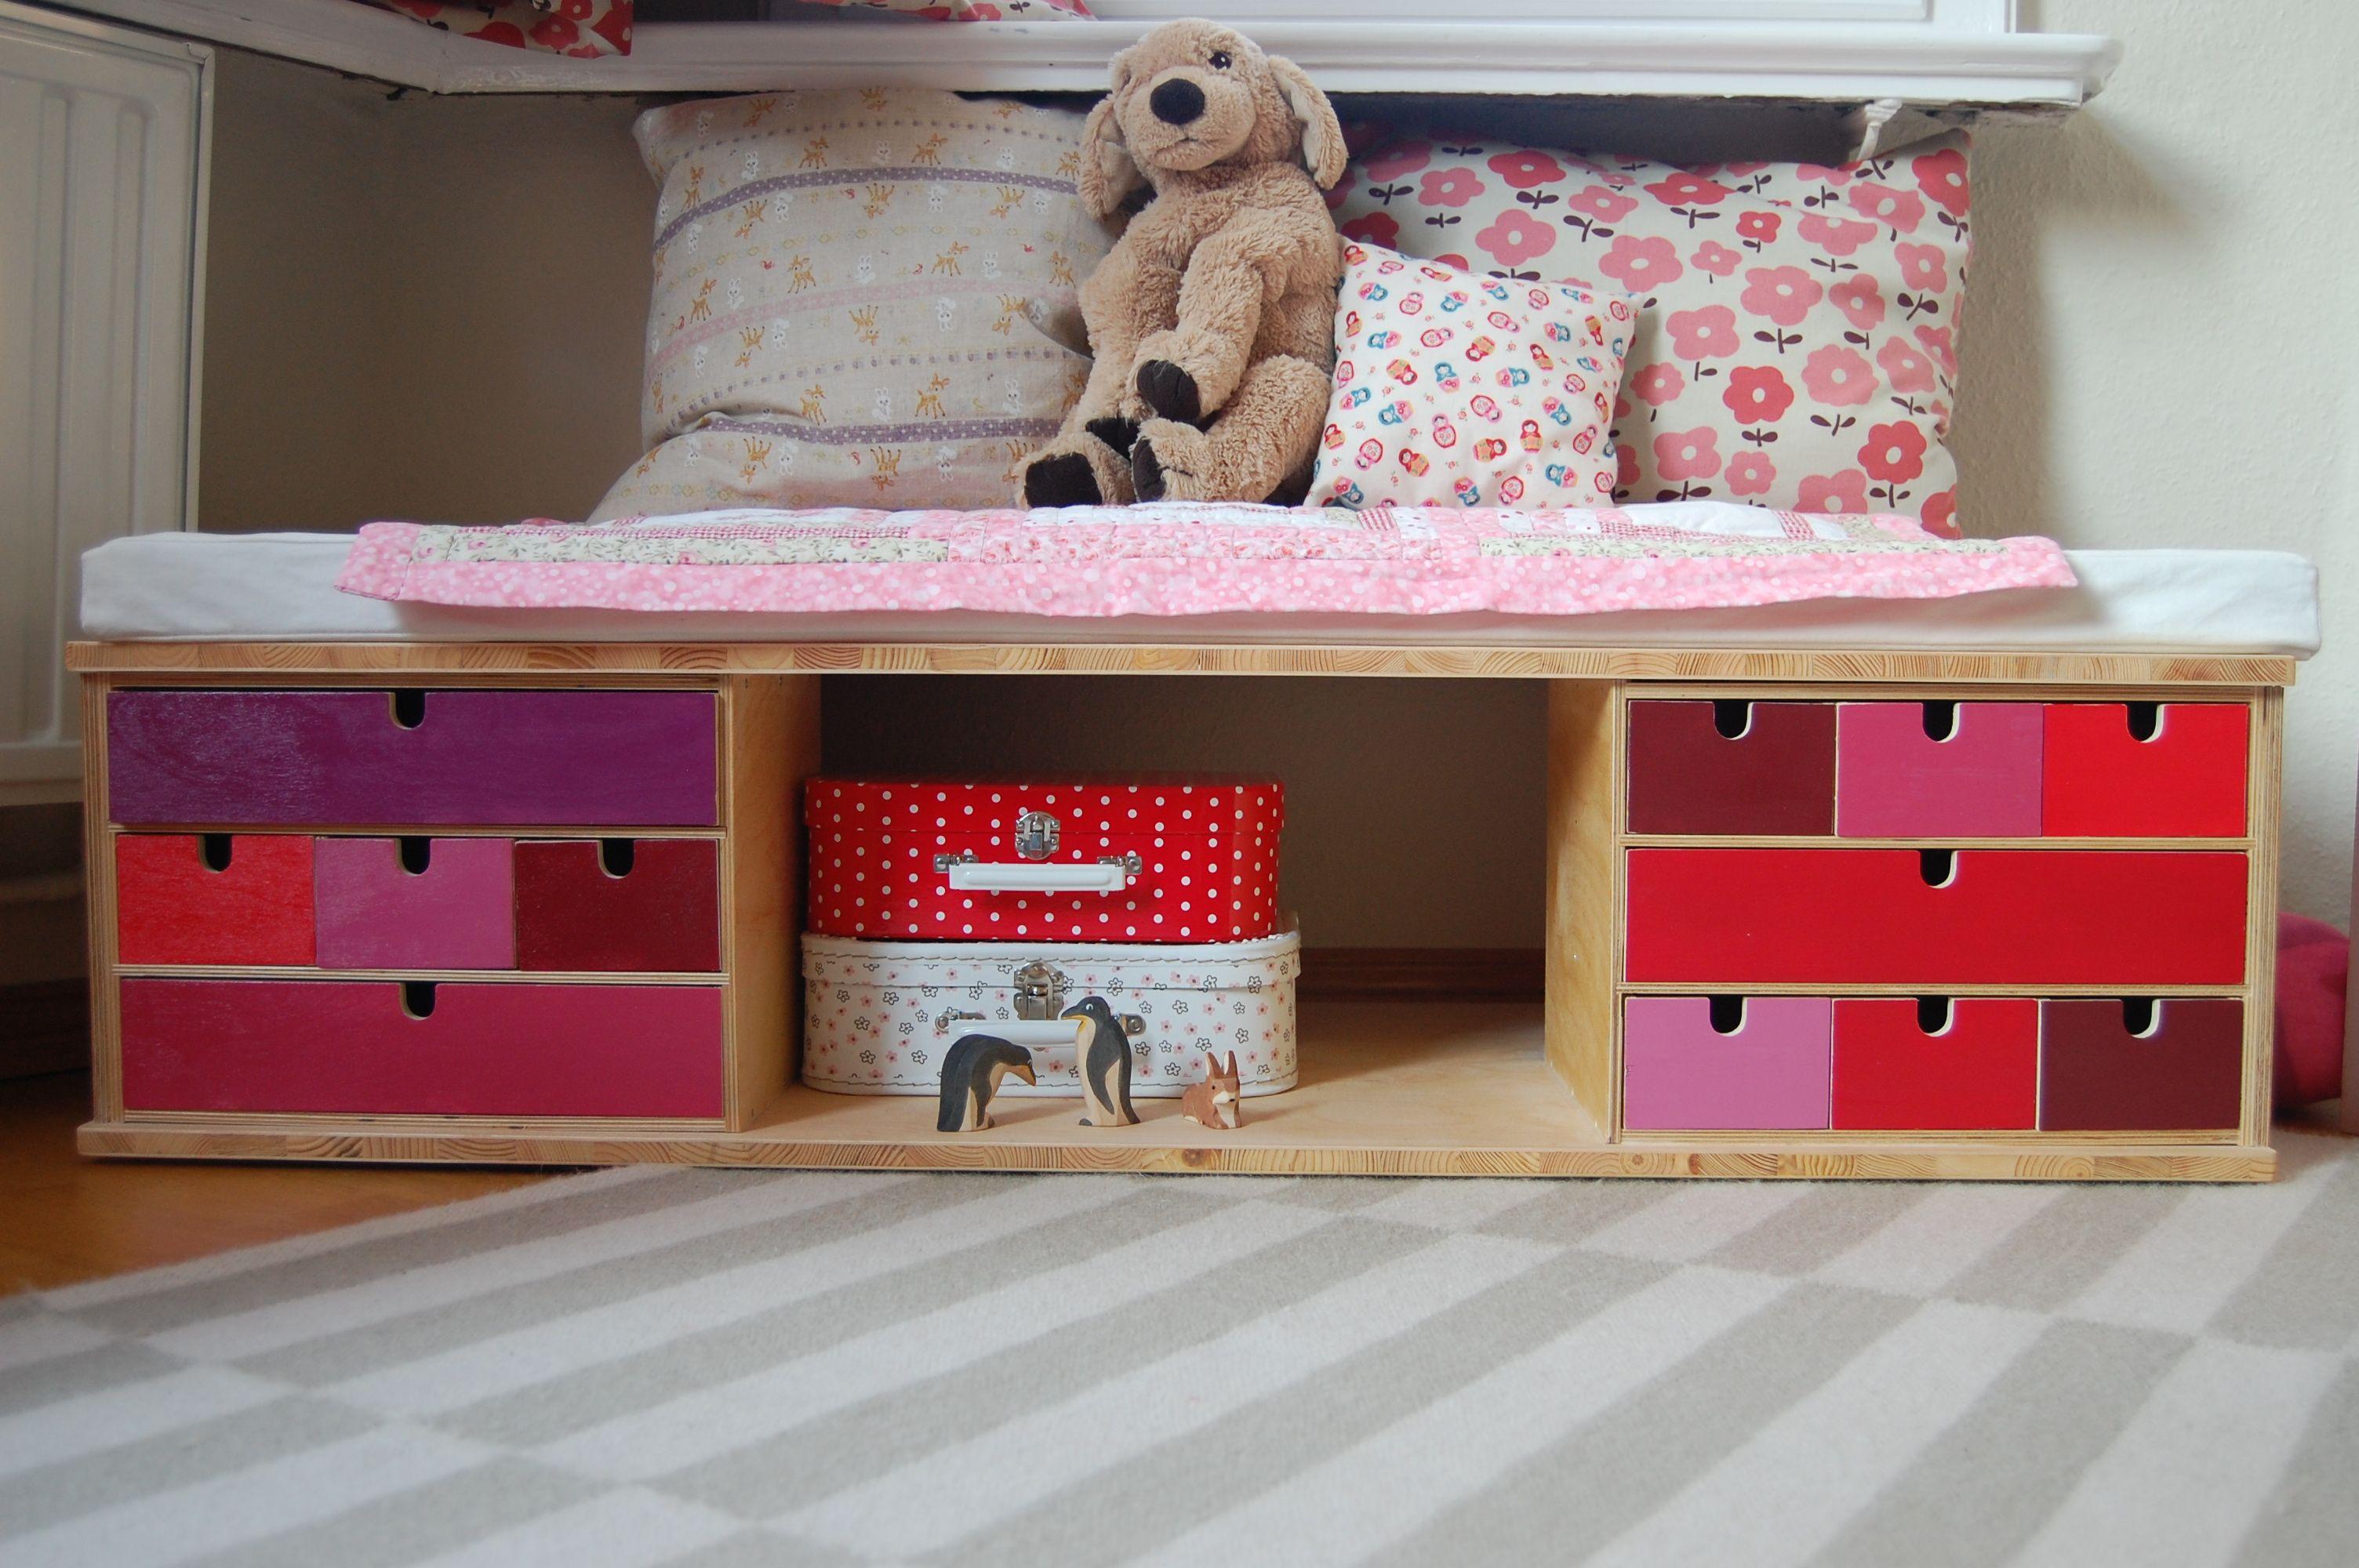 kindersitzbank mit stauraum bauanleitung zum selber bauen. Black Bedroom Furniture Sets. Home Design Ideas